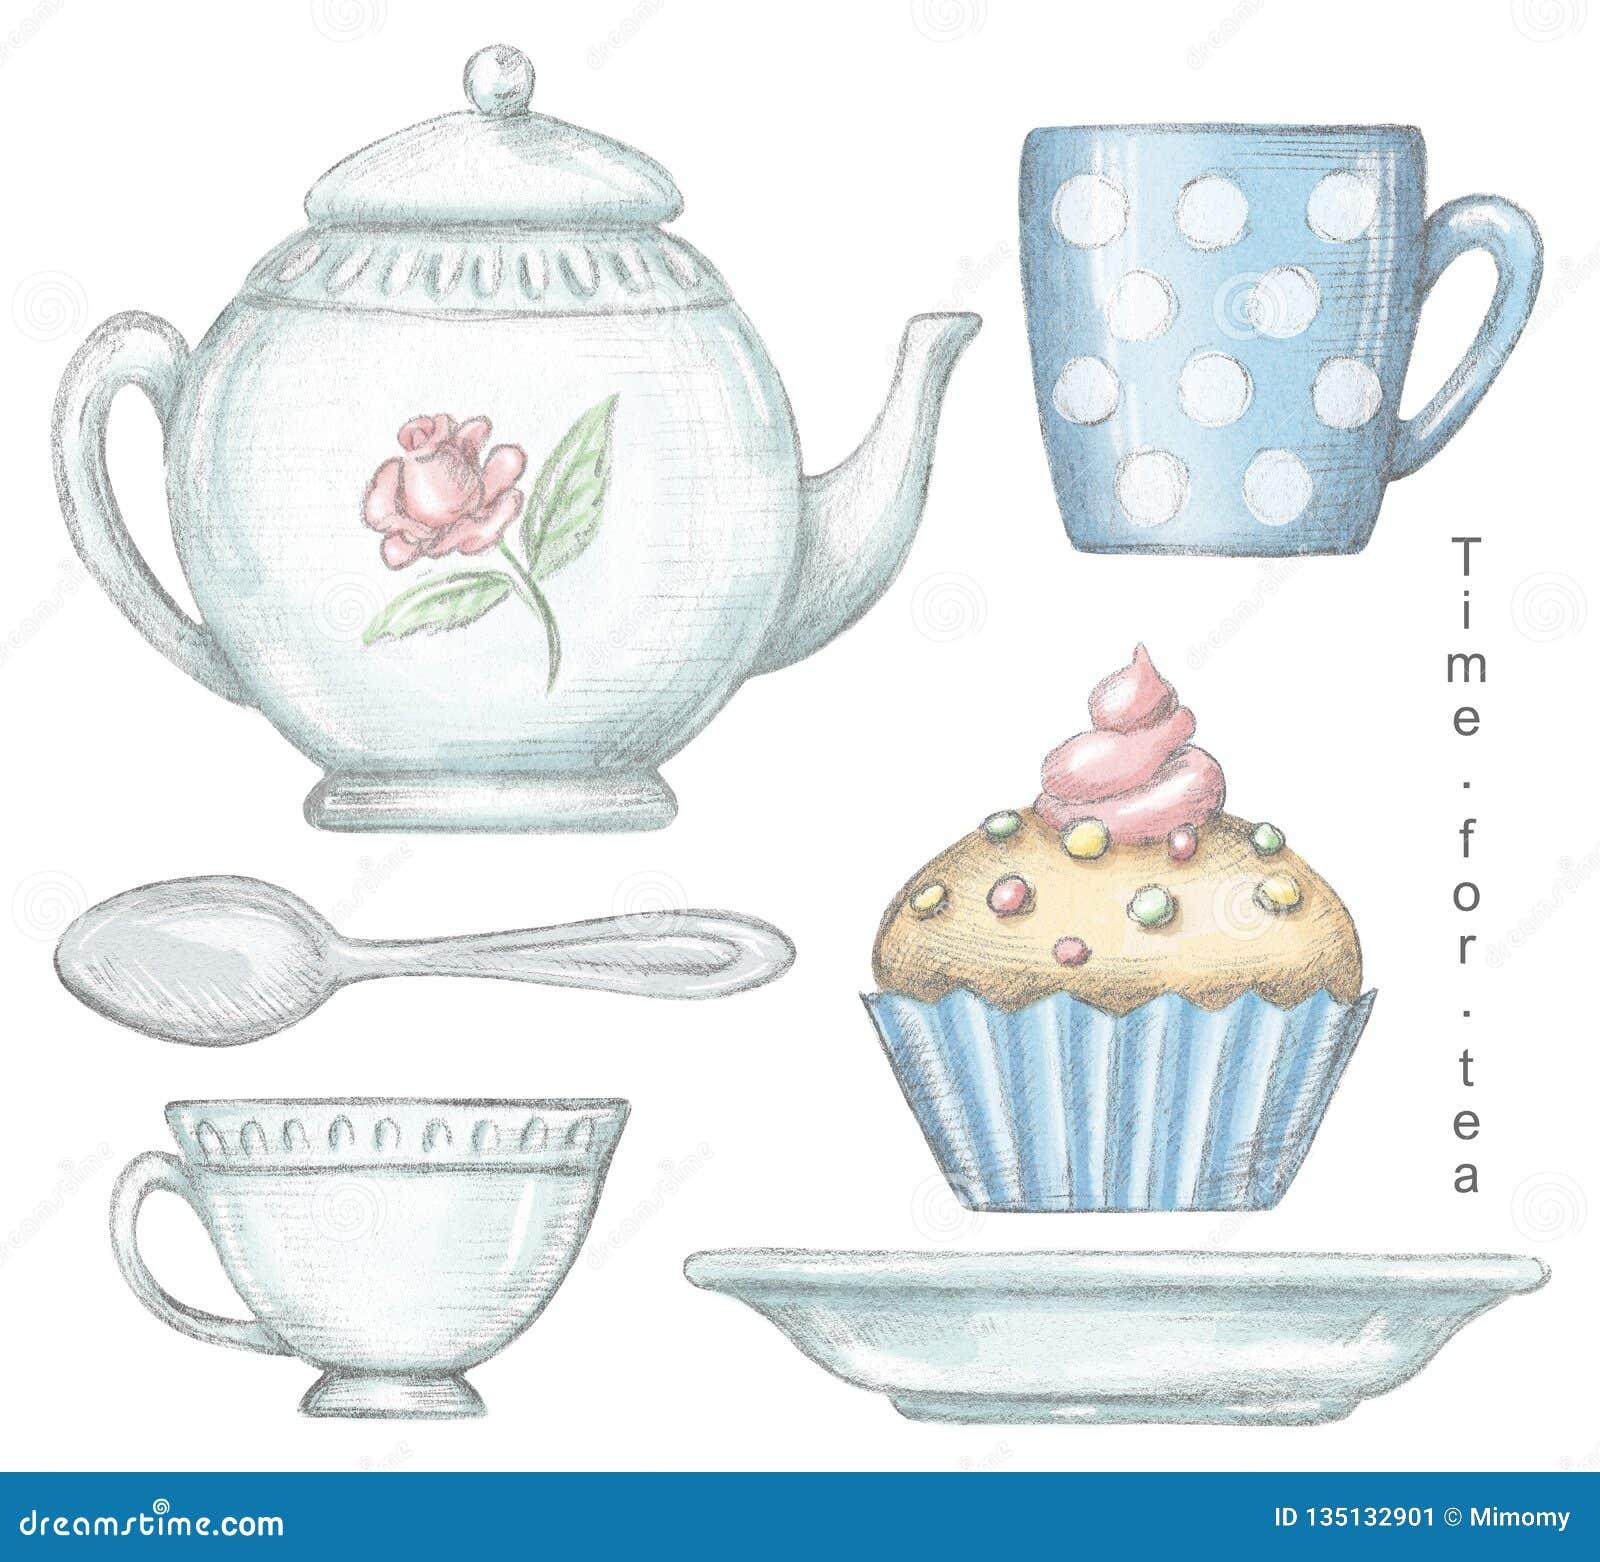 Σύνολο με την κούπα, φλυτζάνι, κουταλάκι του γλυκού, teapot, πιάτο και cupcake